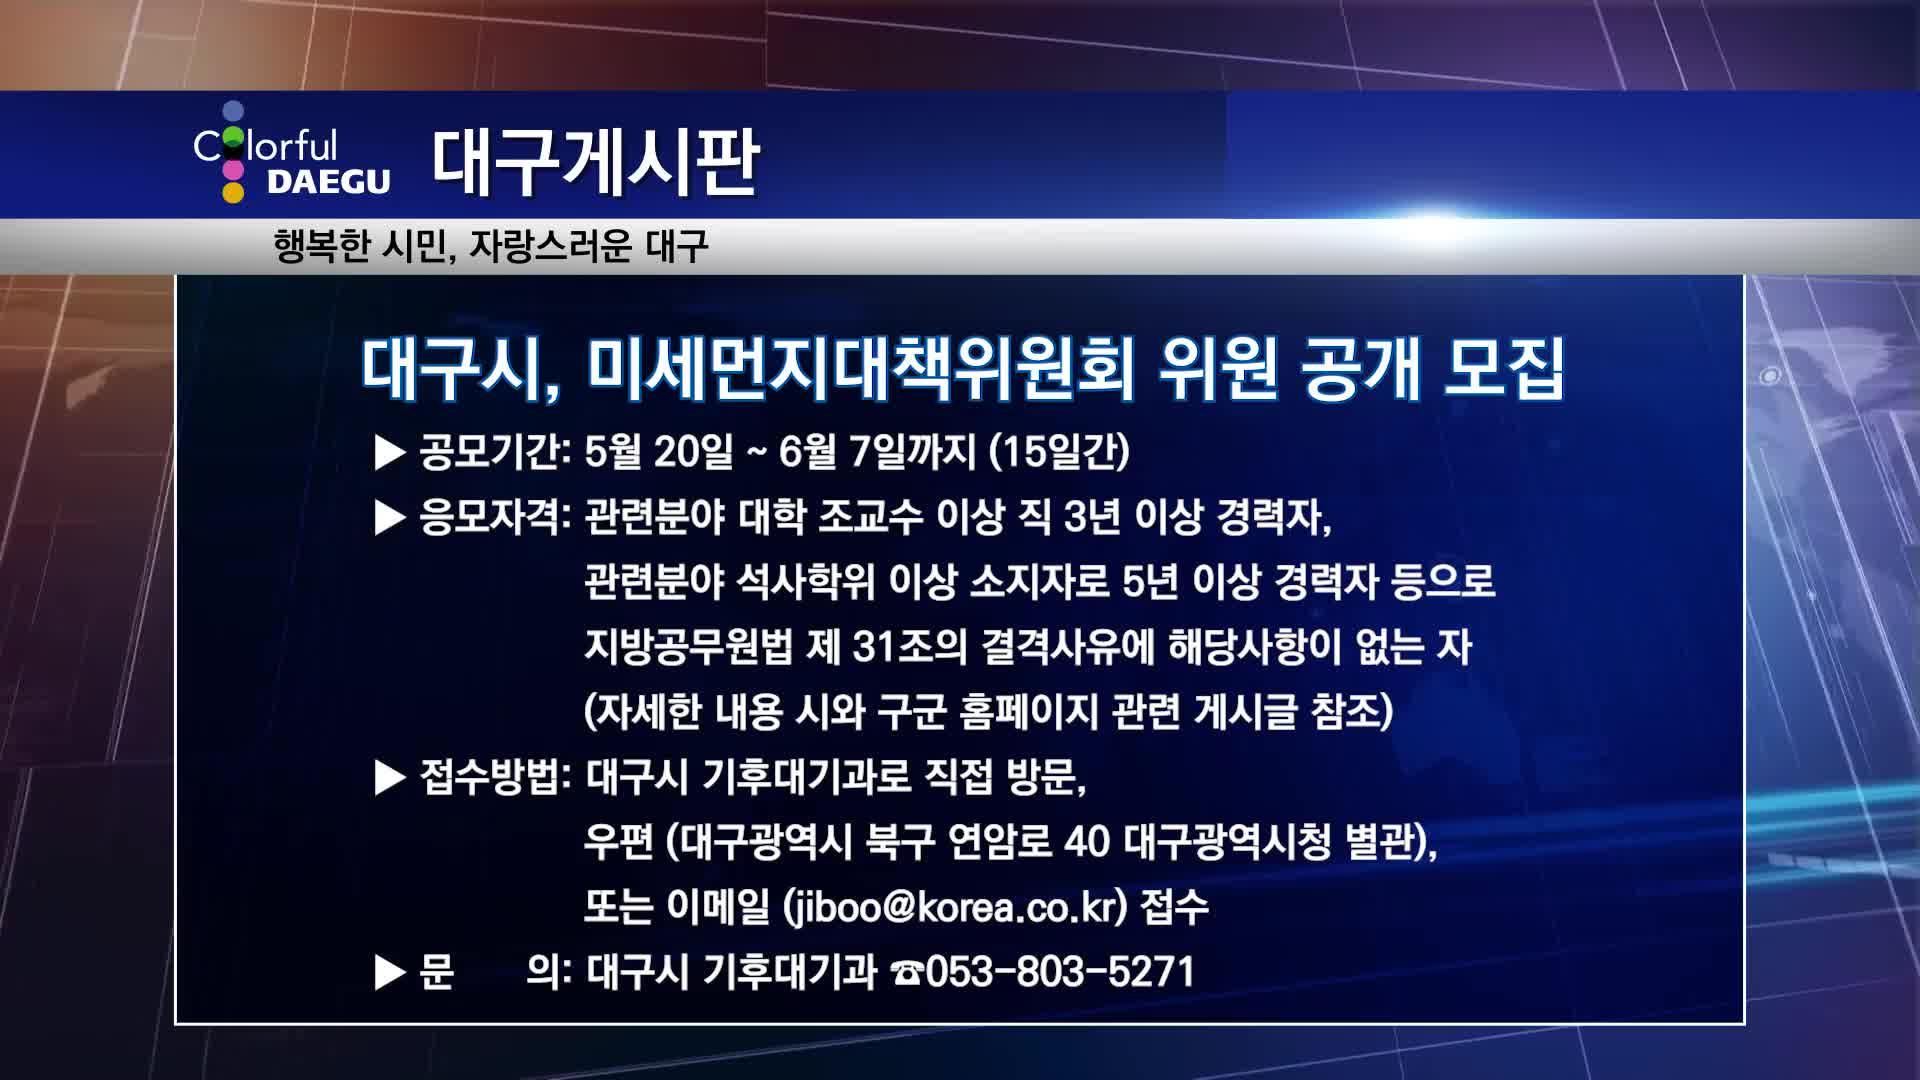 대구시, 미세먼지대책위원회 위원 공개 모집